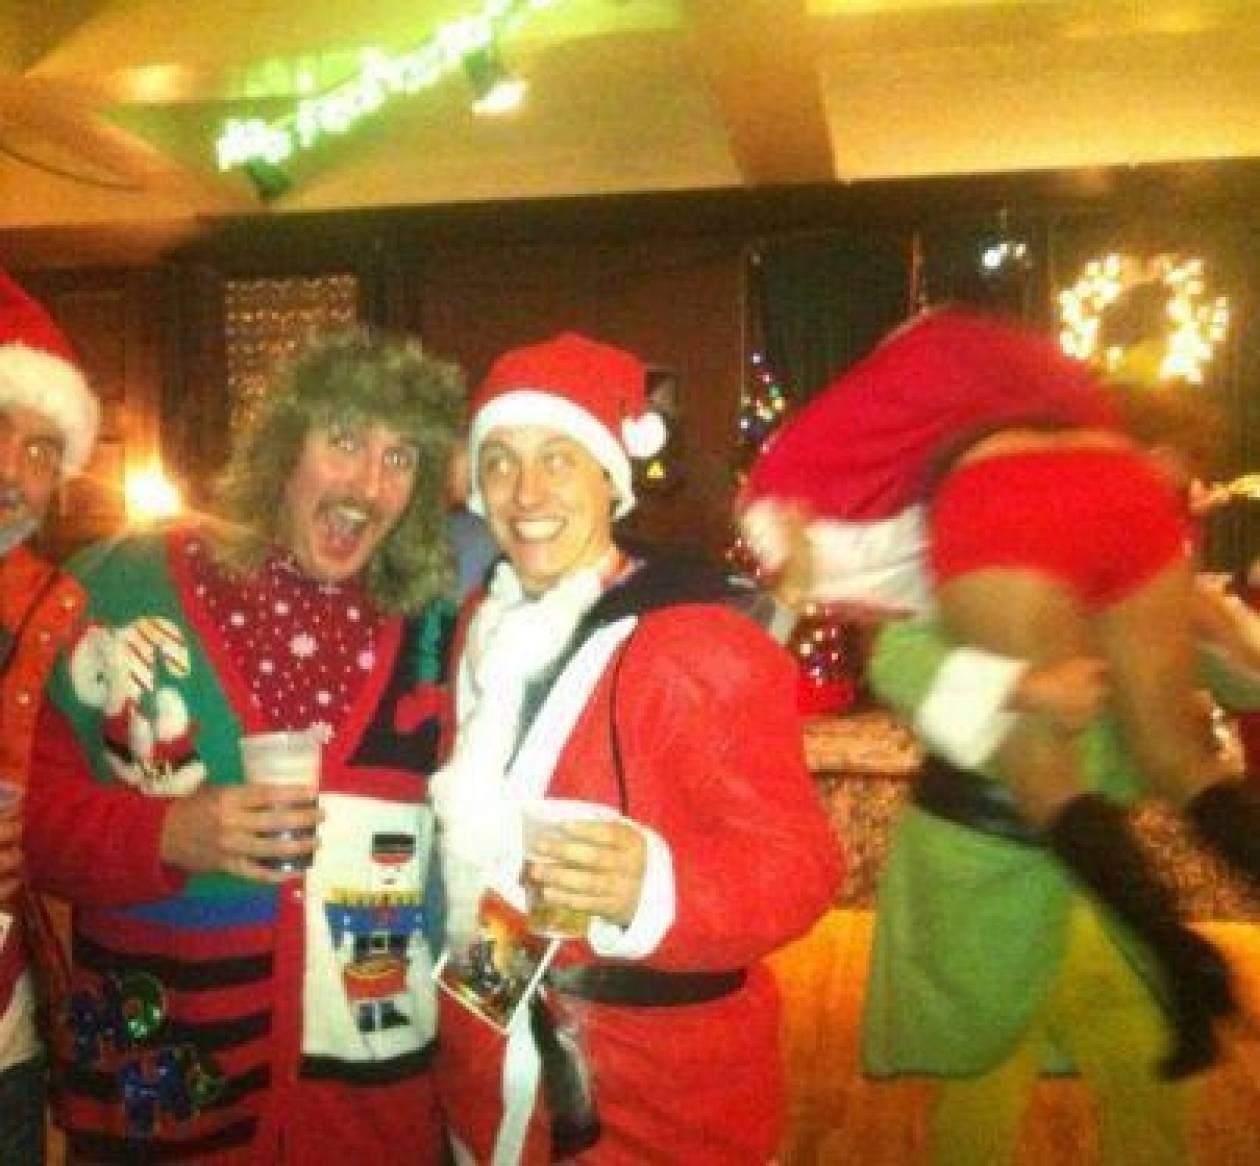 Τα καλύτερα χριστουγεννιάτικα photobombs! (pics)